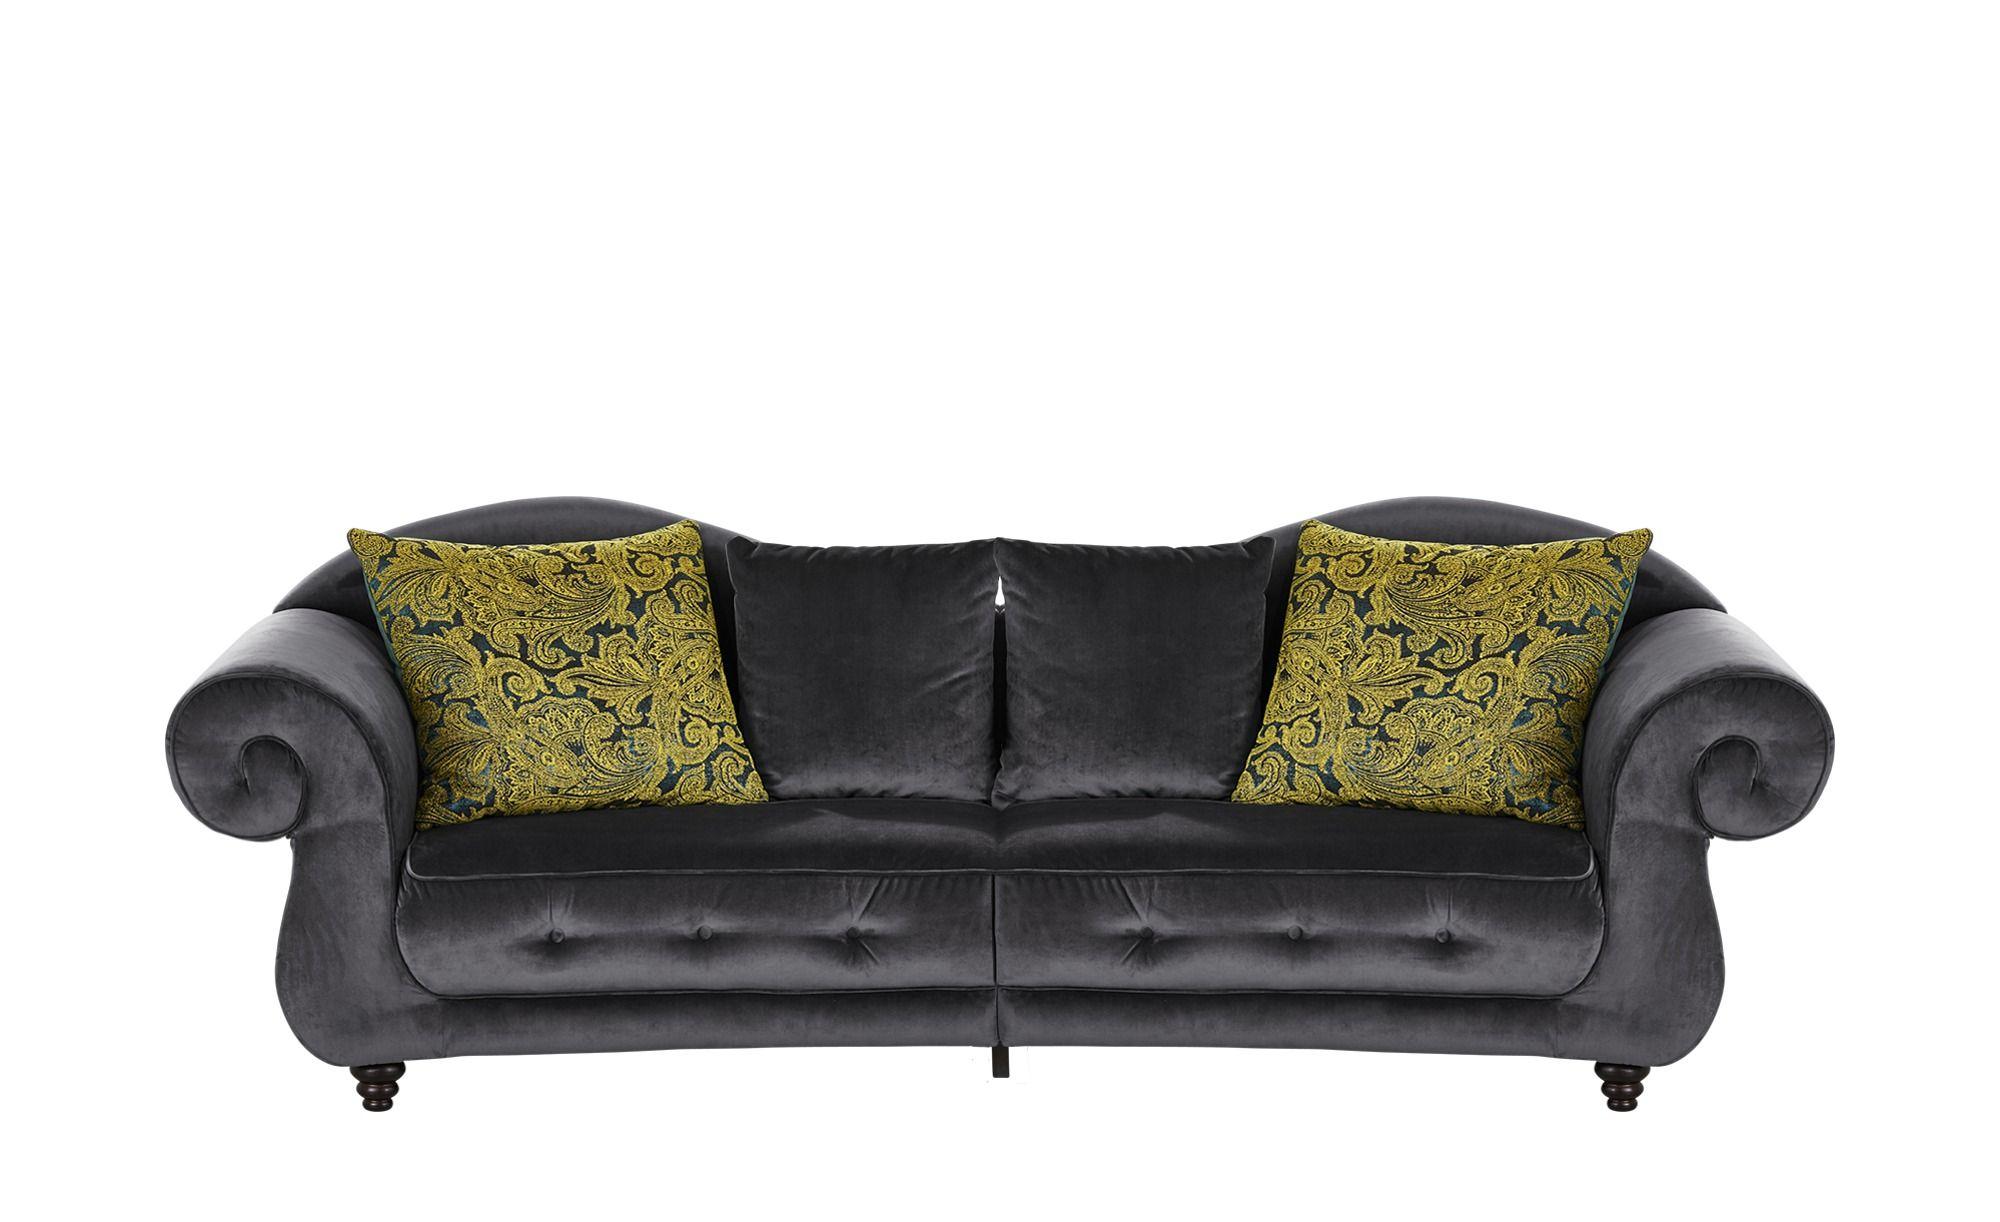 Full Size of Design Big Sofa Grau 288 Cm Antik Stil Ewald Schillig Garnitur 2 Teilig Büffelleder Sitzer Mit Schlaffunktion Ausziehbar Landhausstil Weiches Xxxl Zweisitzer Sofa Big Sofa Kaufen